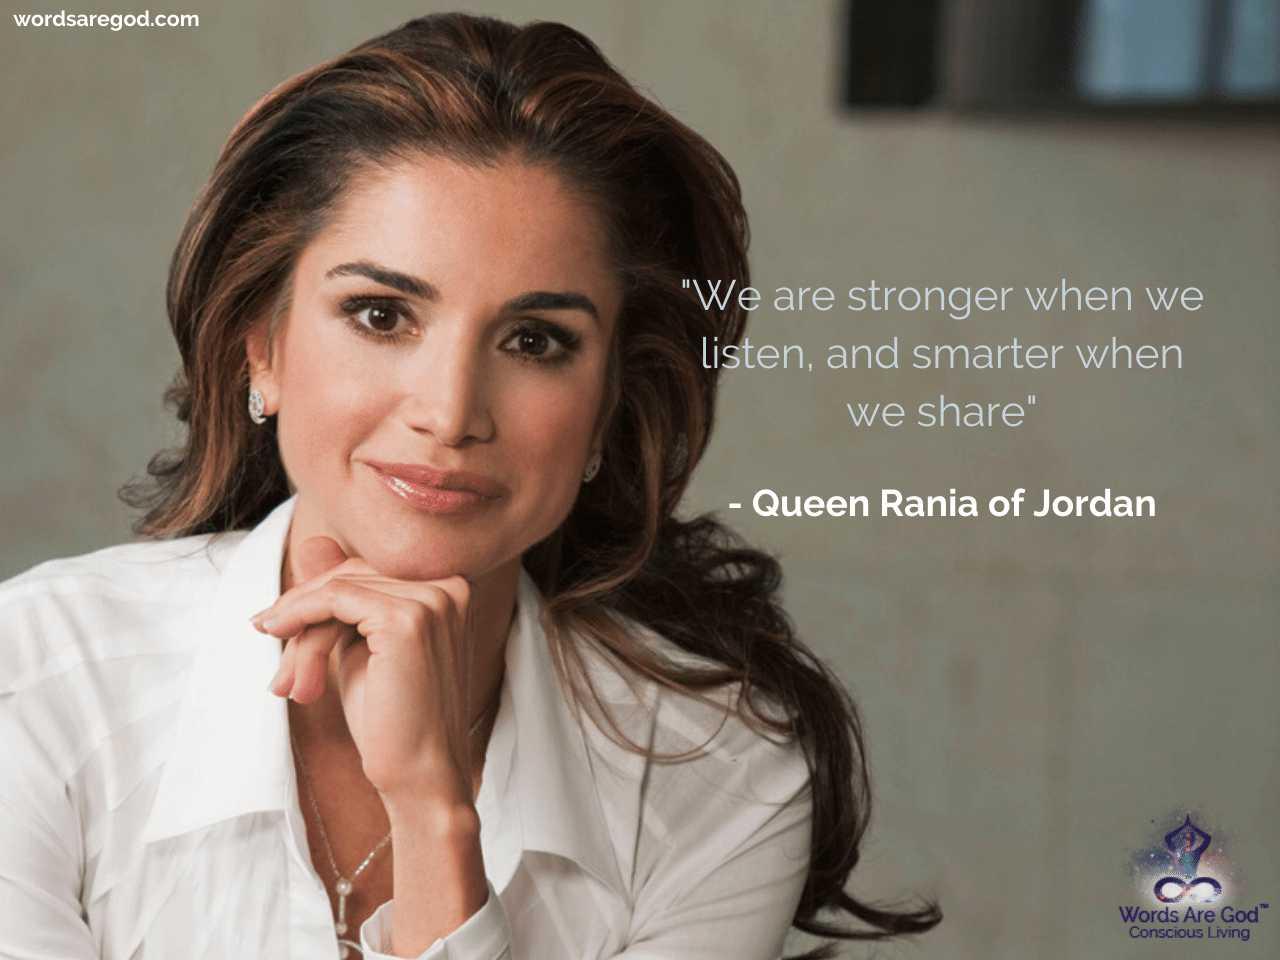 Queen Rania of Jordan Motivational Quote